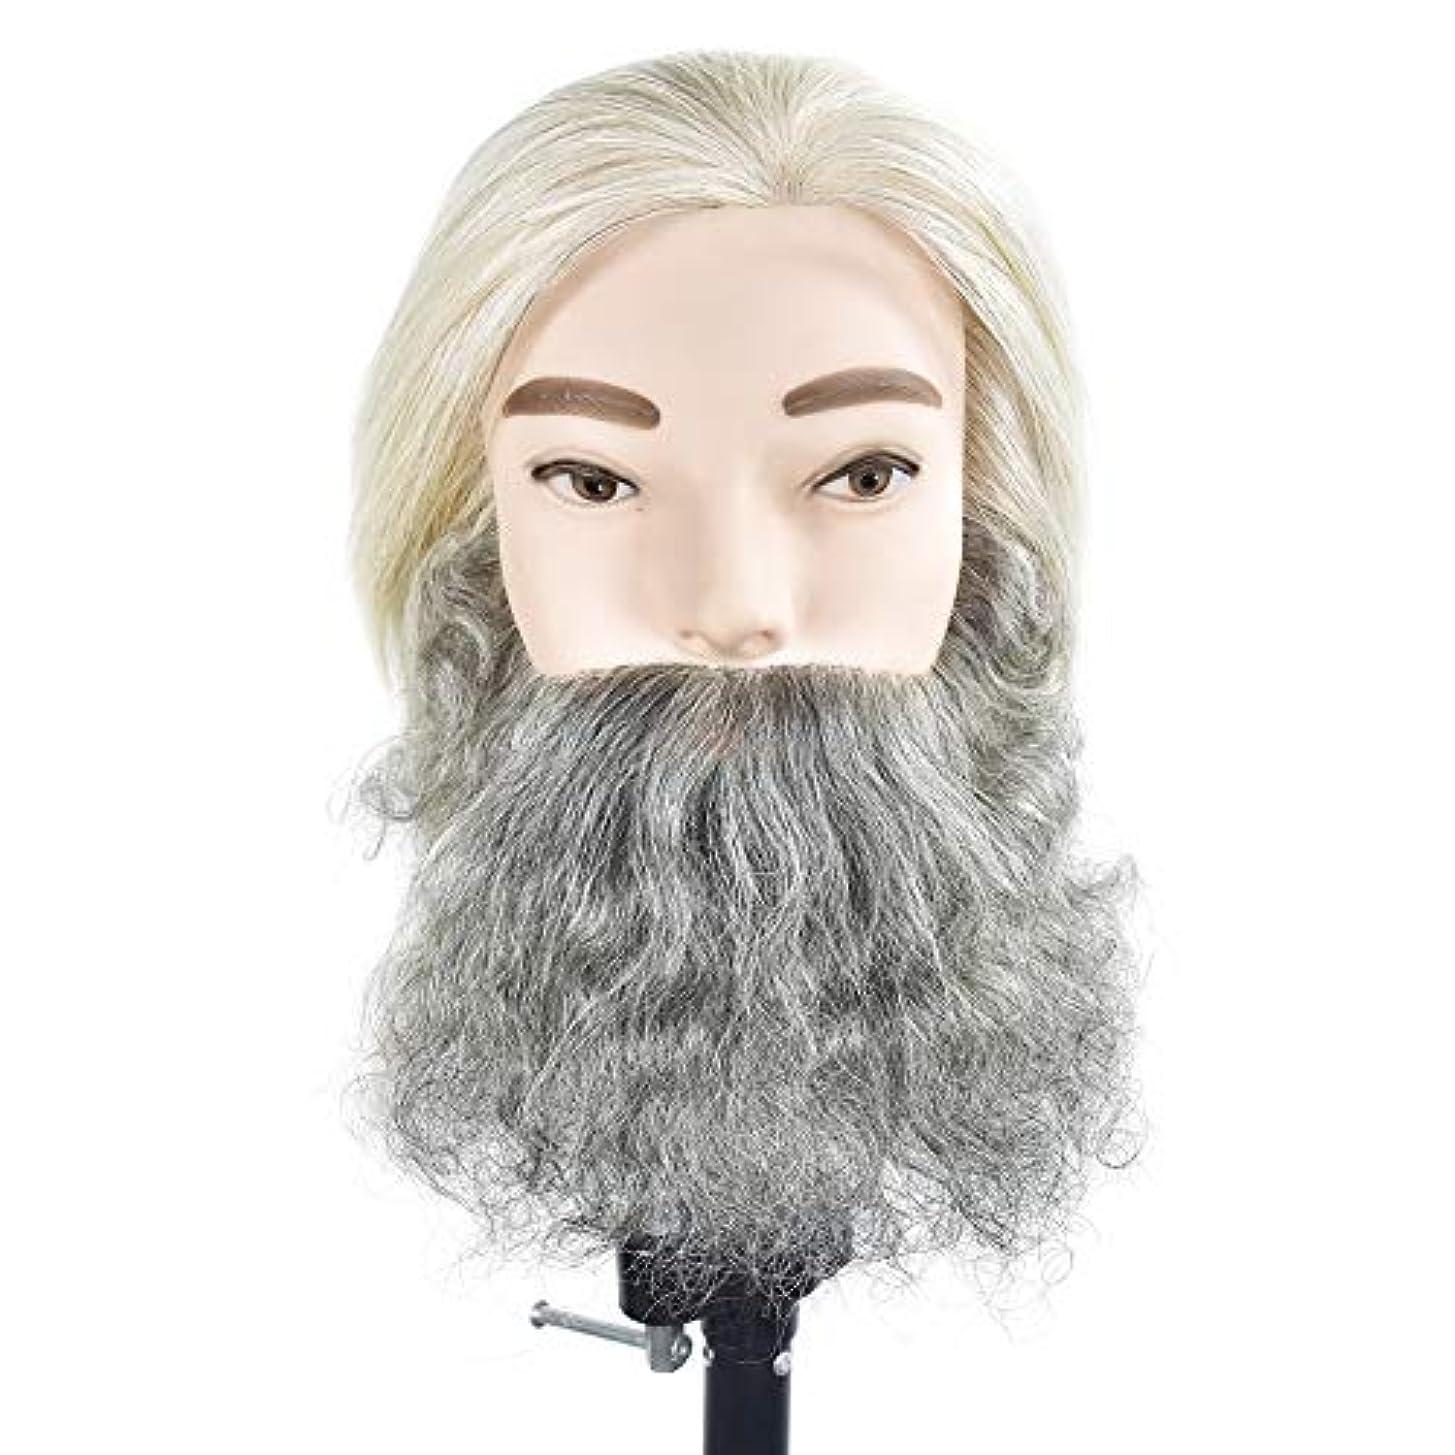 アカデミーなかなかエレクトロニックリアル人間の髪トレーニングヘッドパーマ髪モデル髪染め理髪ダミーヘッドトリミングひげ学習ヘッドモデル